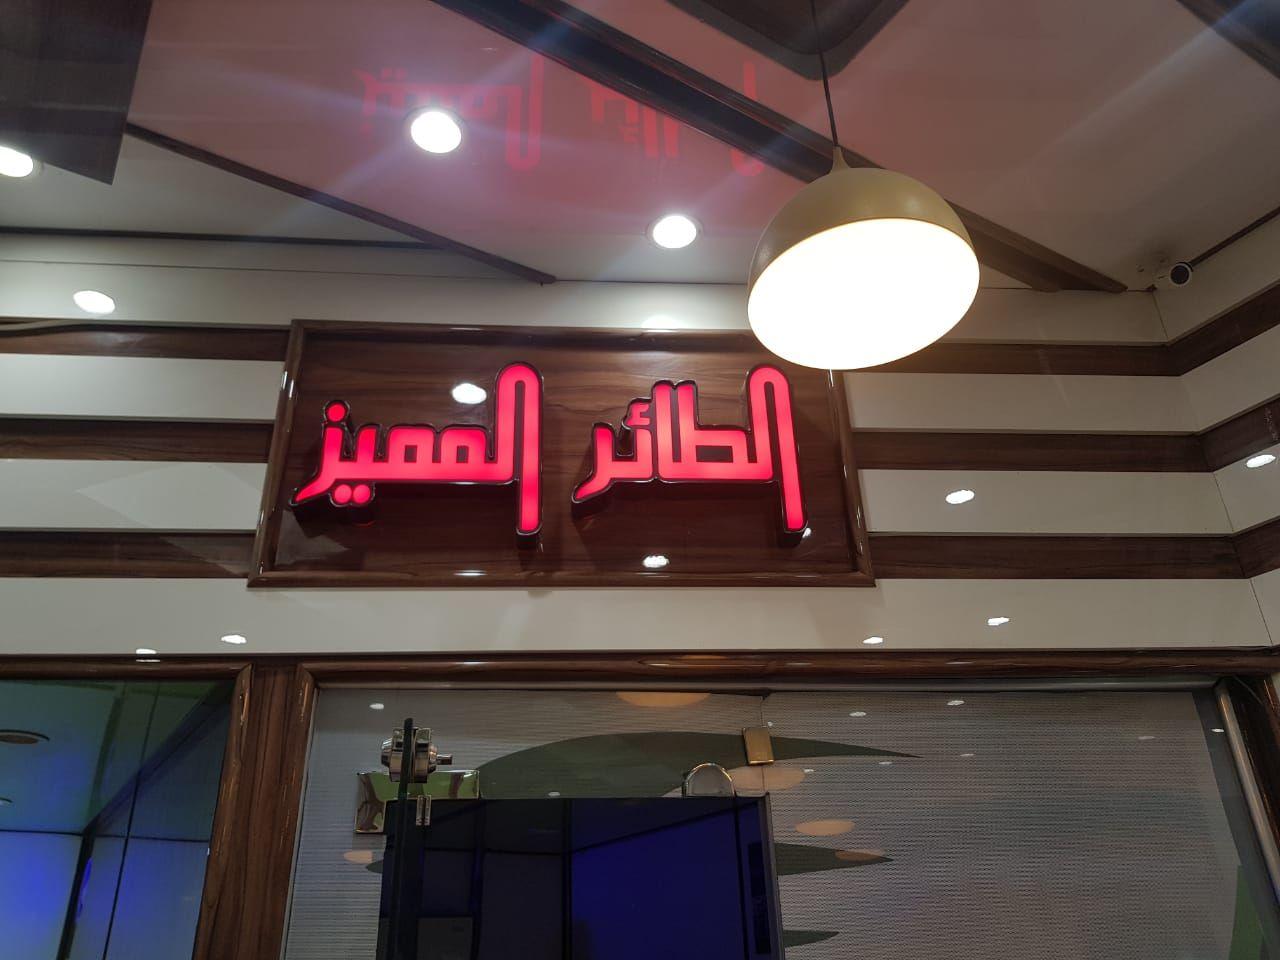 شركة الطائر المميز من ابرزت الشركات السياحية في العراق Neon Signs Neon